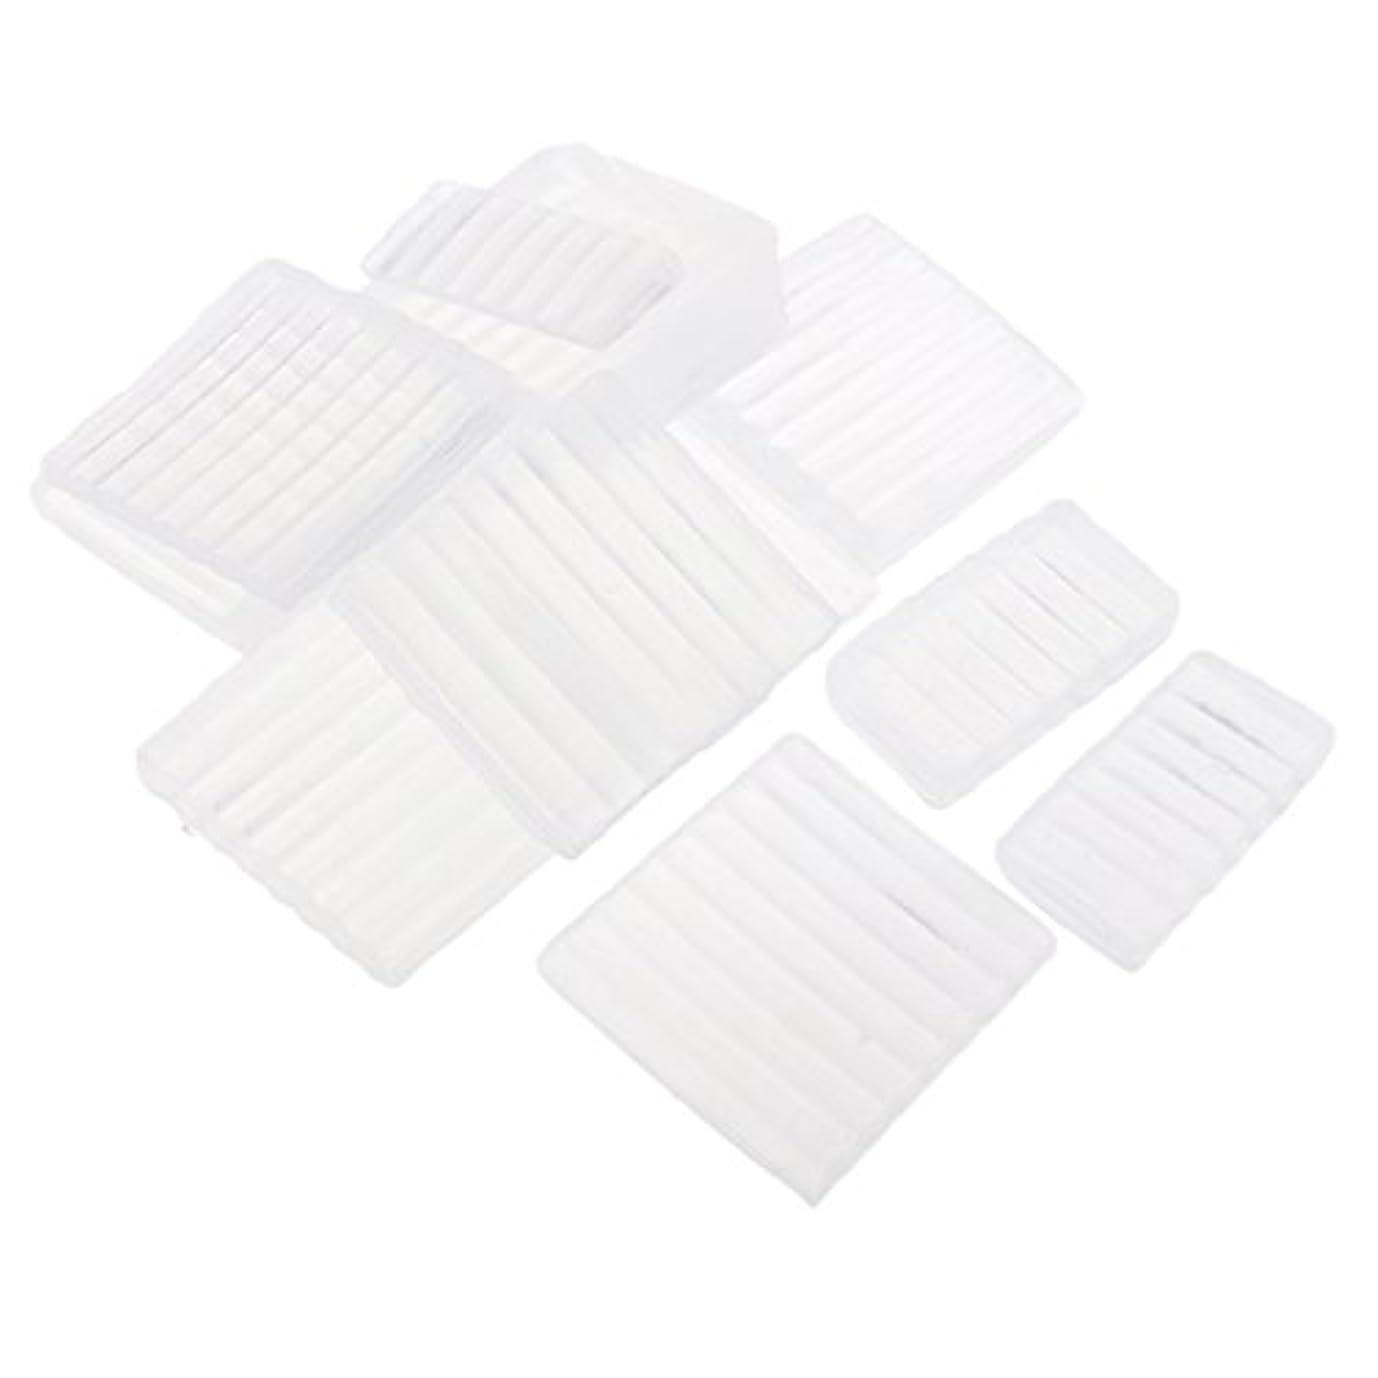 熱プライムお風呂ホワイト 透明 石鹸ベース DIY 手作り 石鹸 材料 約500g